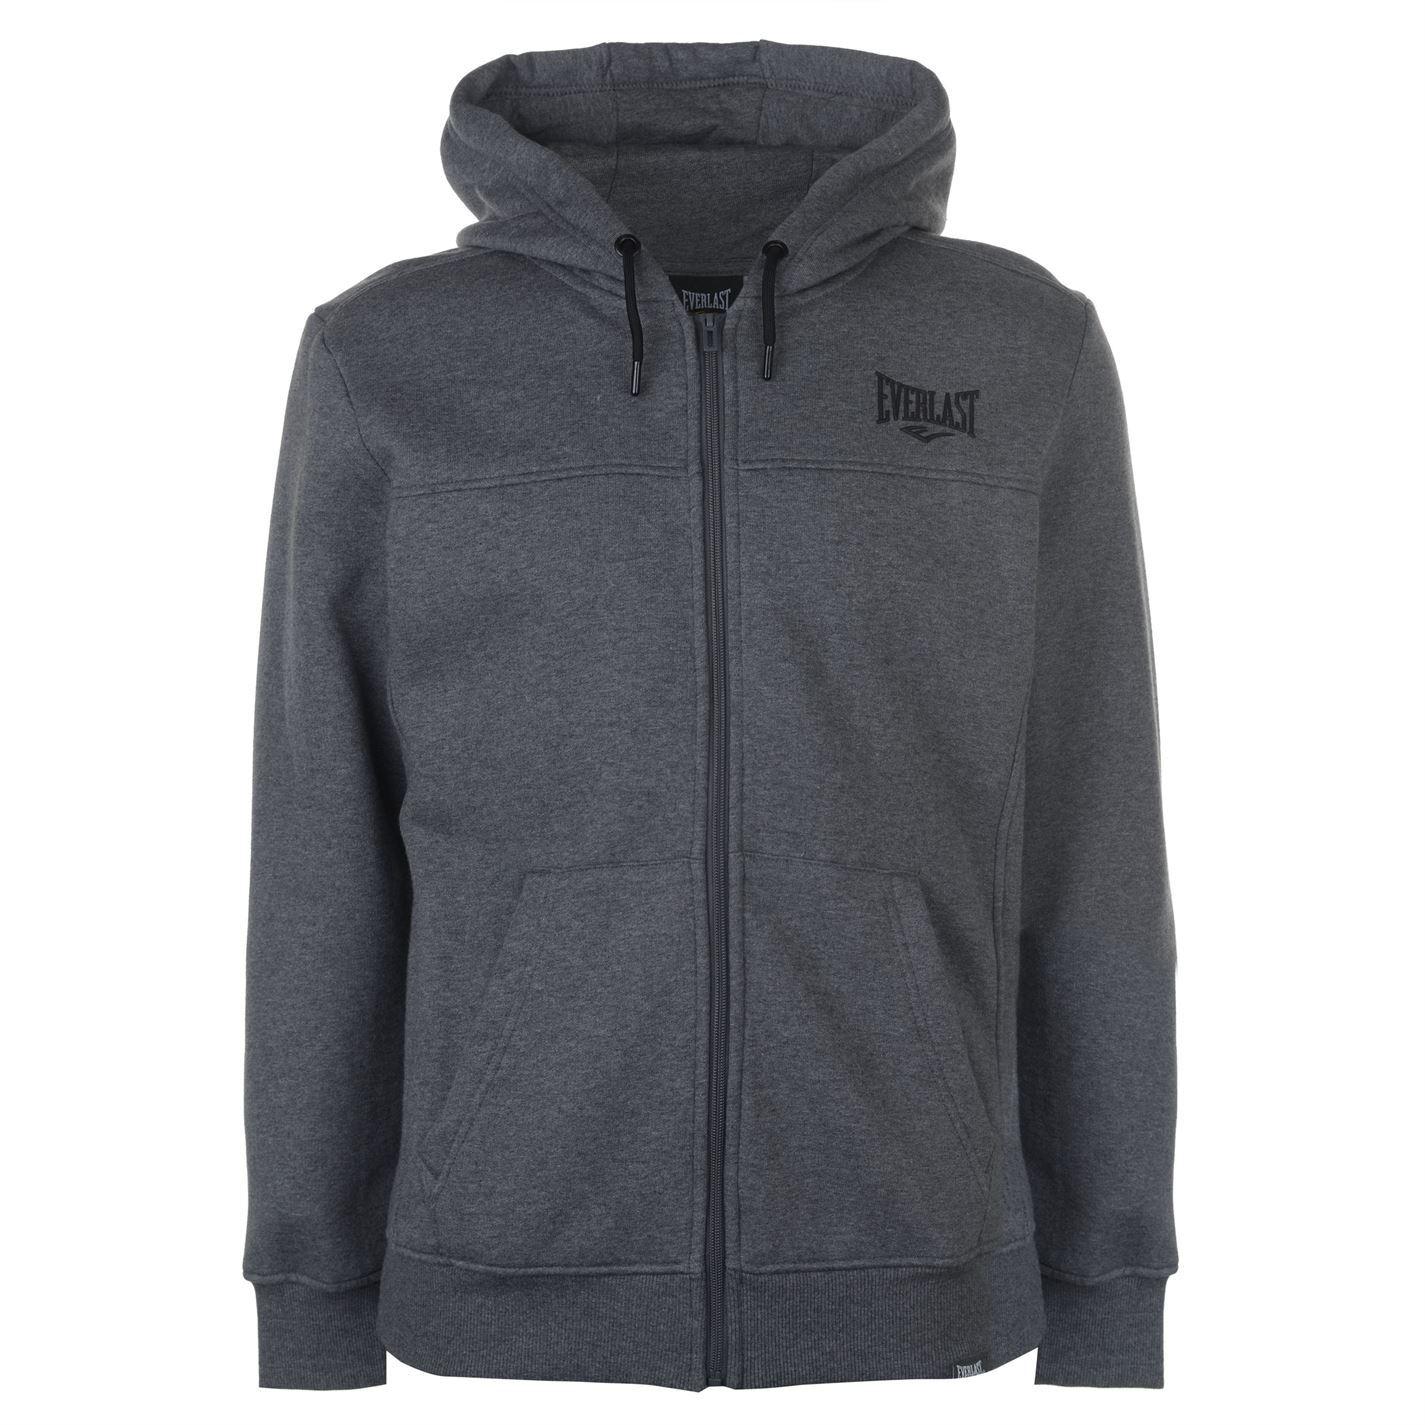 Everlast-Logo-Full-Zip-Hoody-Jacket-Mens-Hoodie-Sweatshirt-Sweater-Hooded-Top thumbnail 19